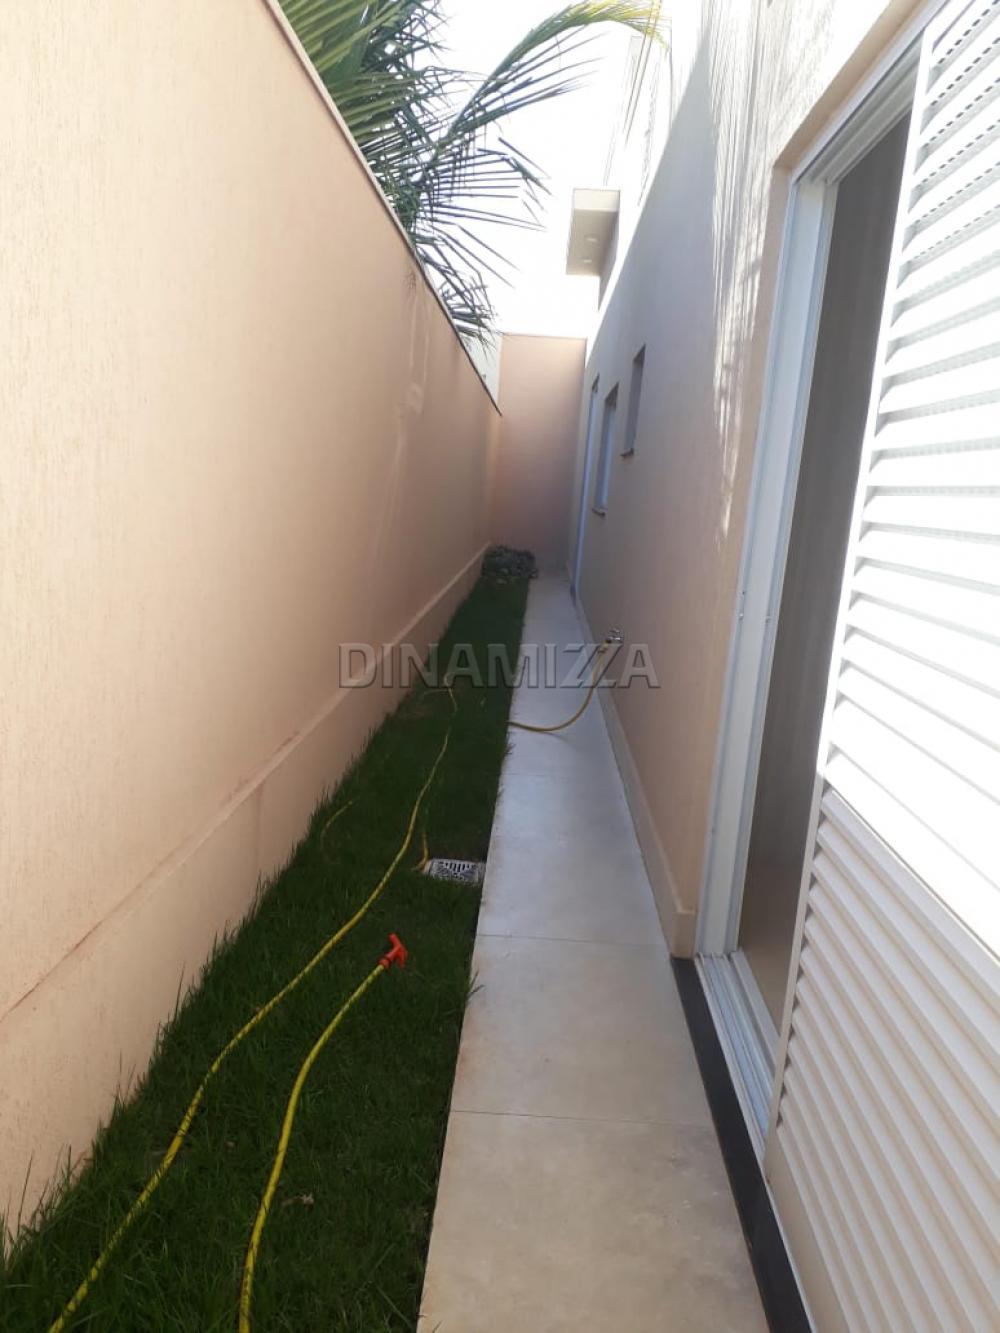 Comprar Casa / Padrão em Condomínio em Uberaba R$ 1.400.000,00 - Foto 3